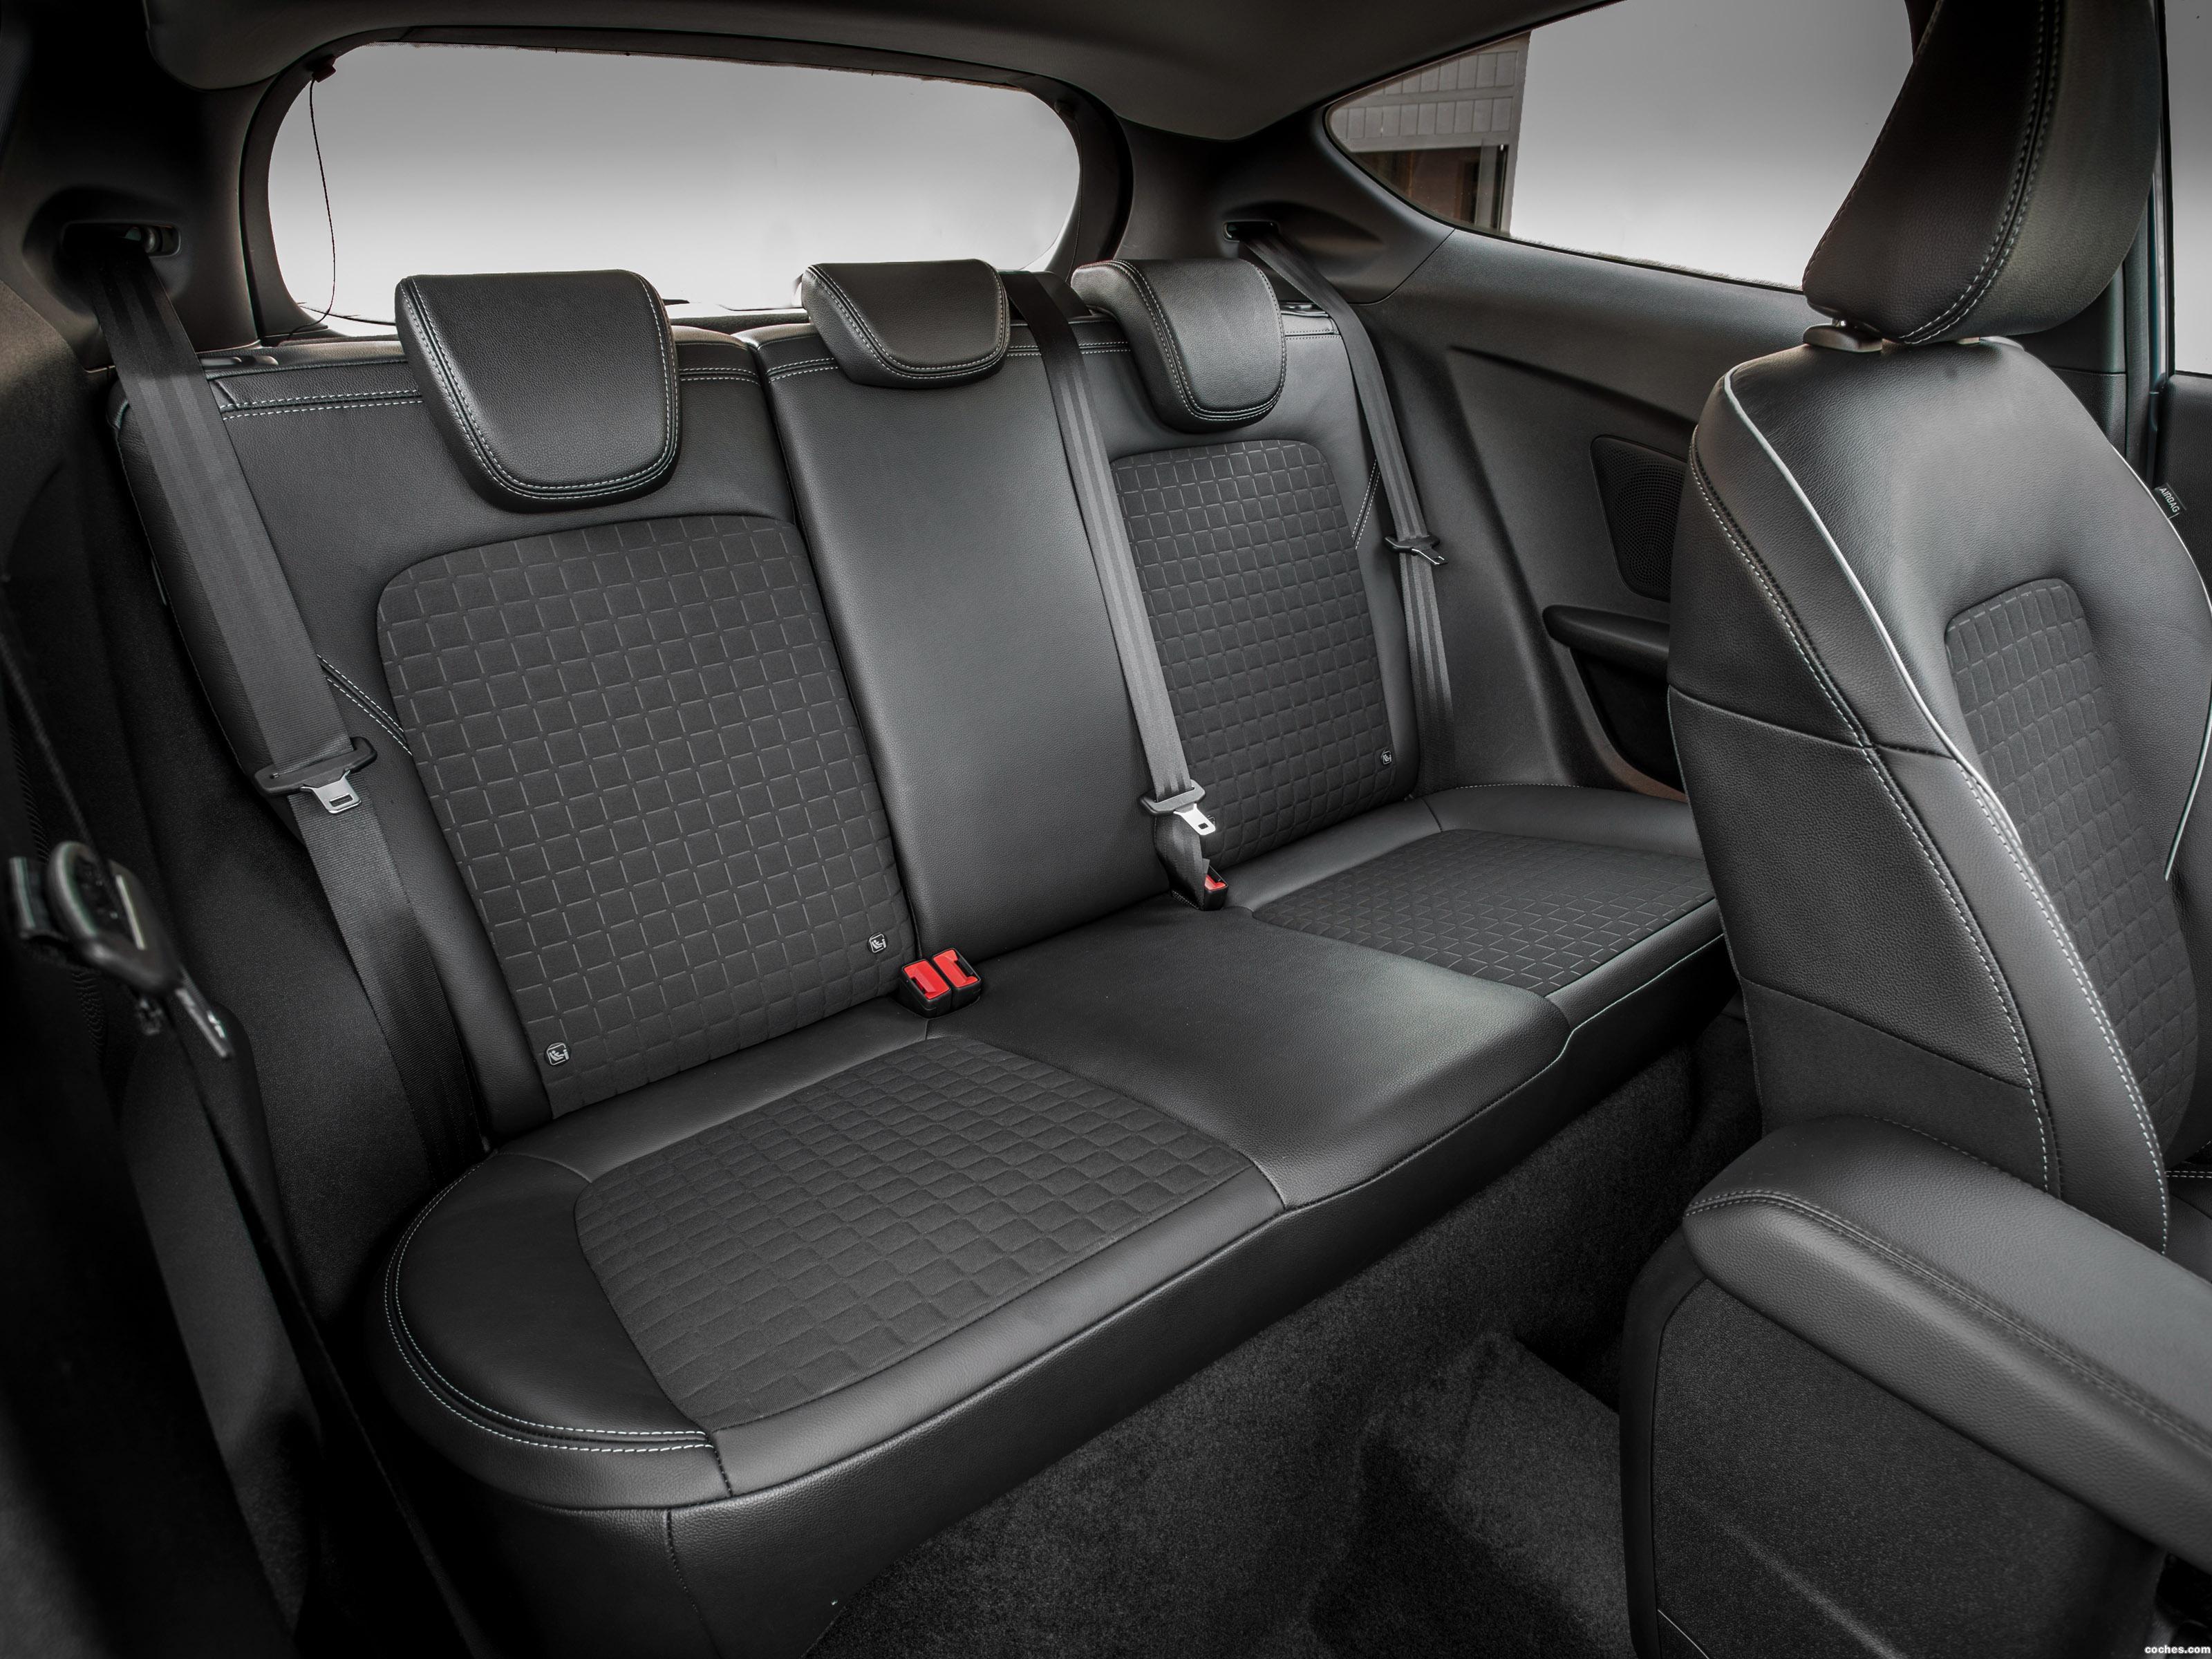 Foto 19 de Ford Fiesta Titanium 3 puertas 2017